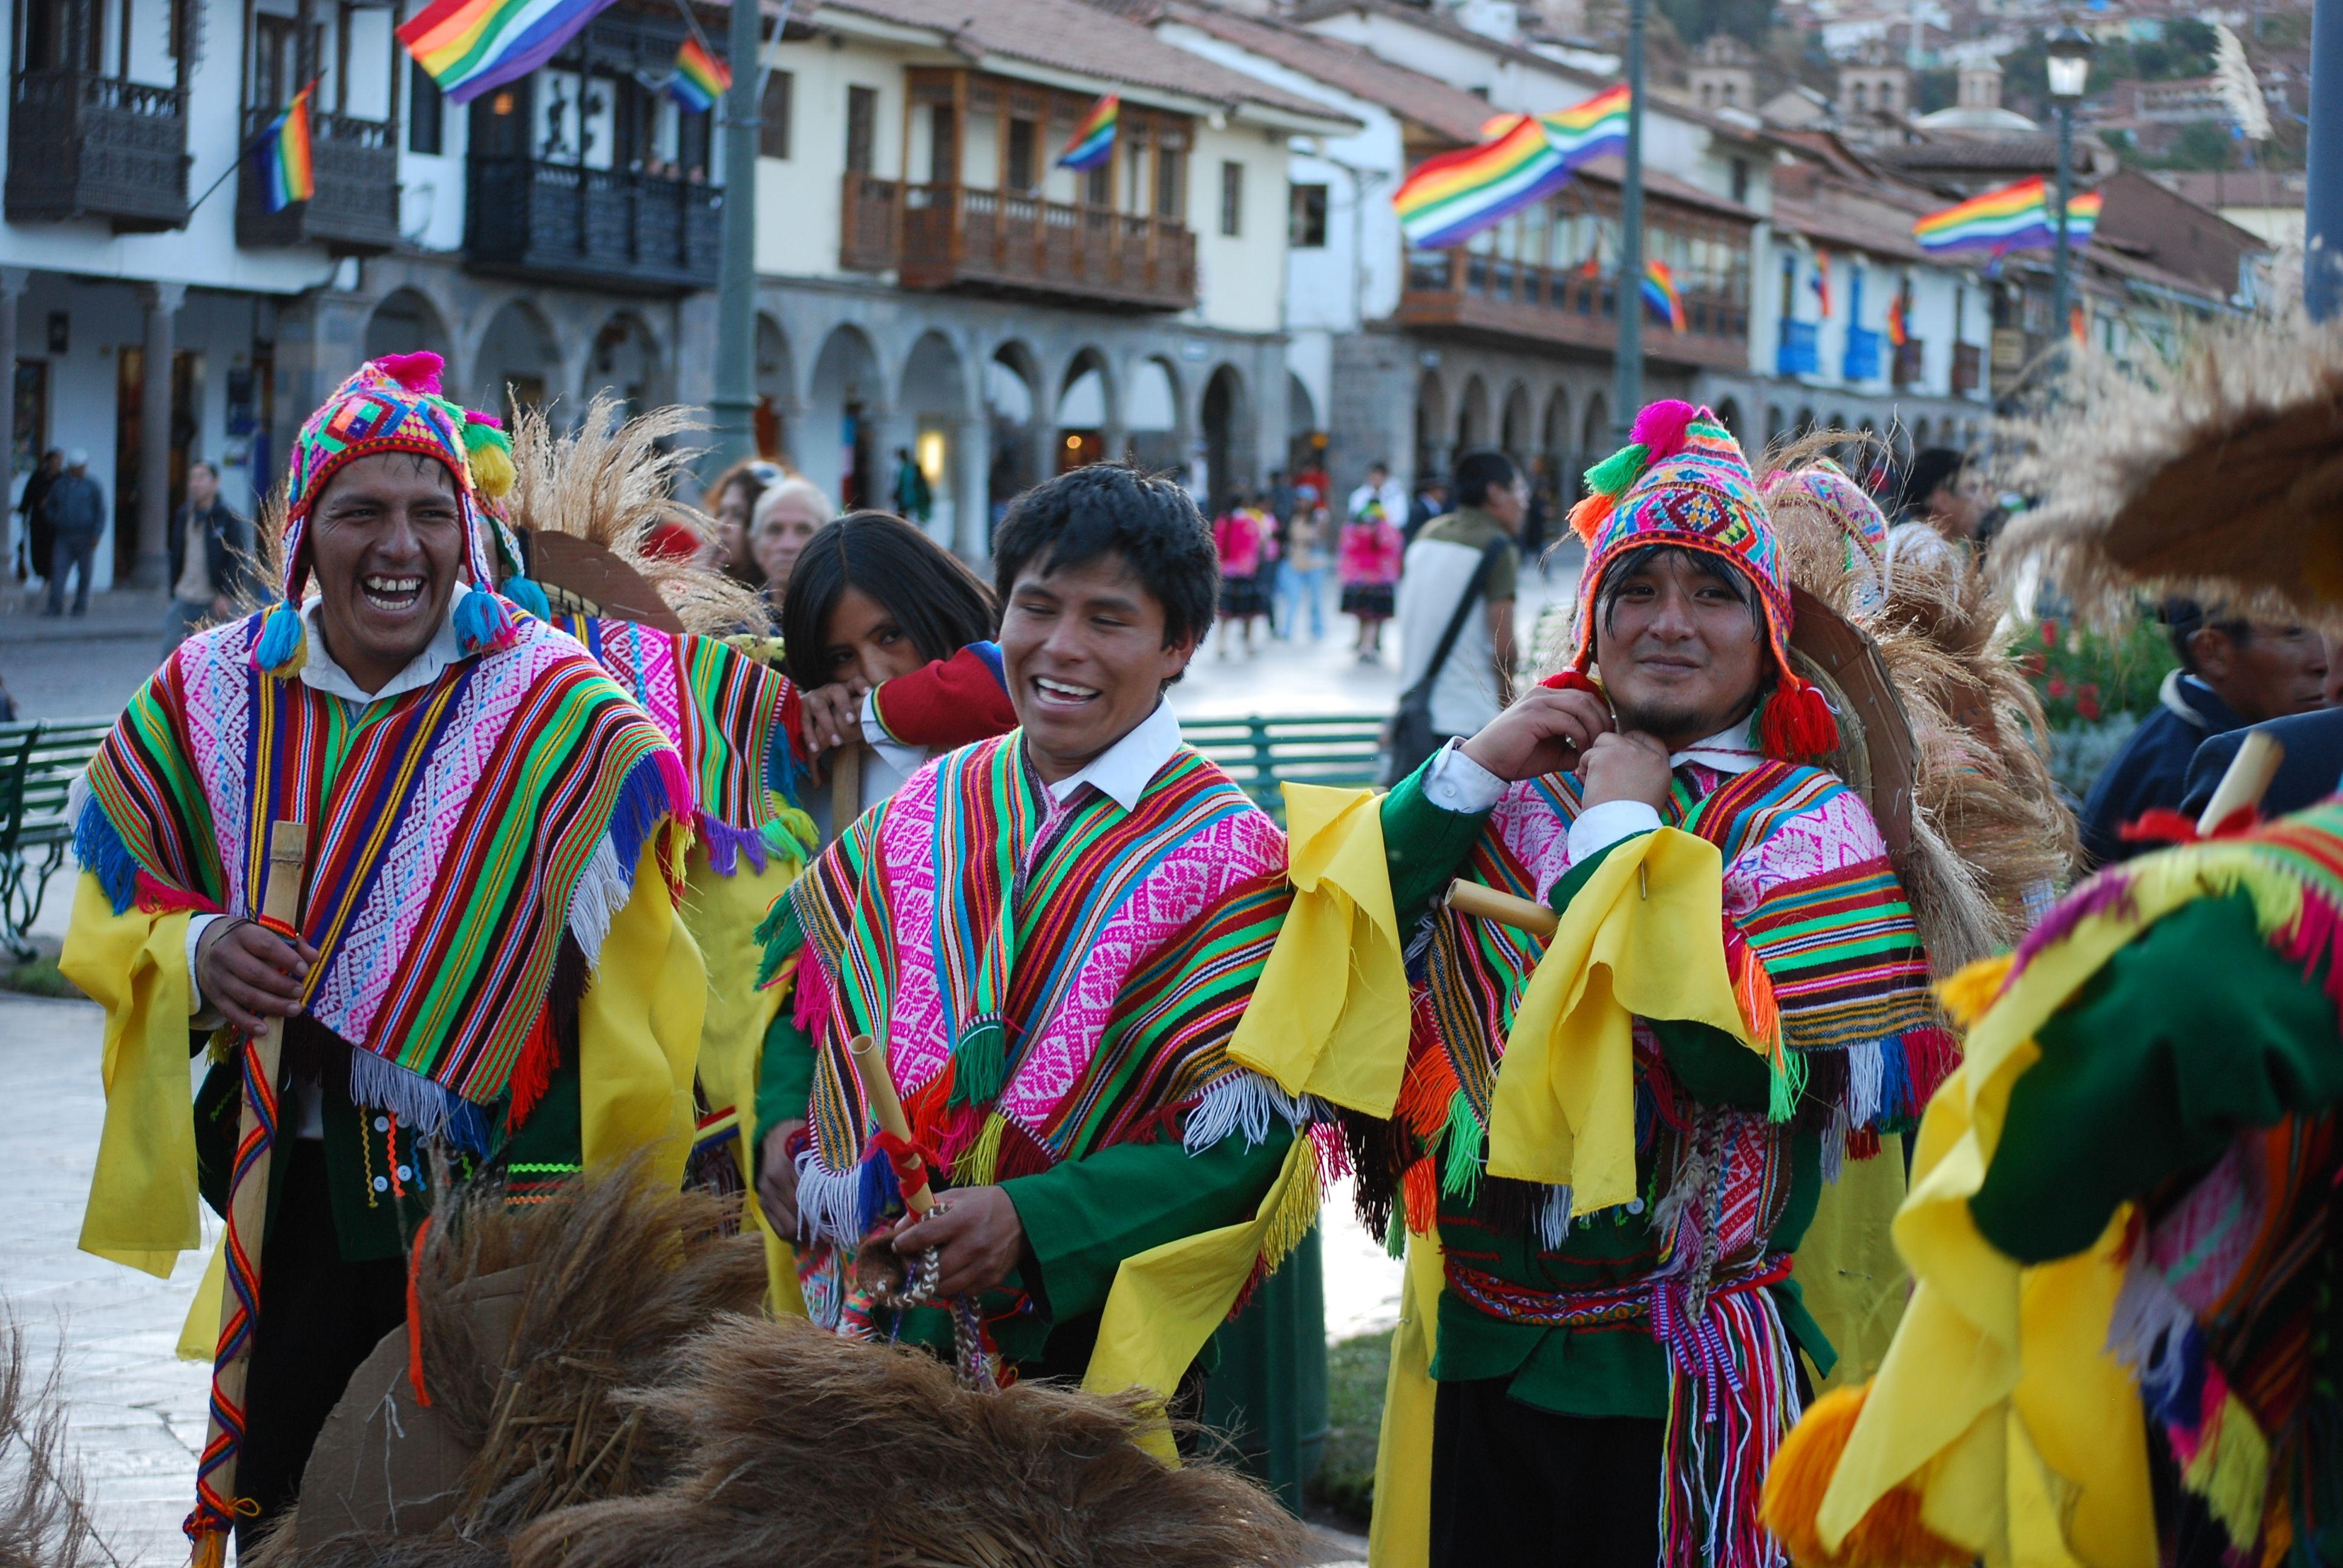 Cuzco Days parade participants, Peru